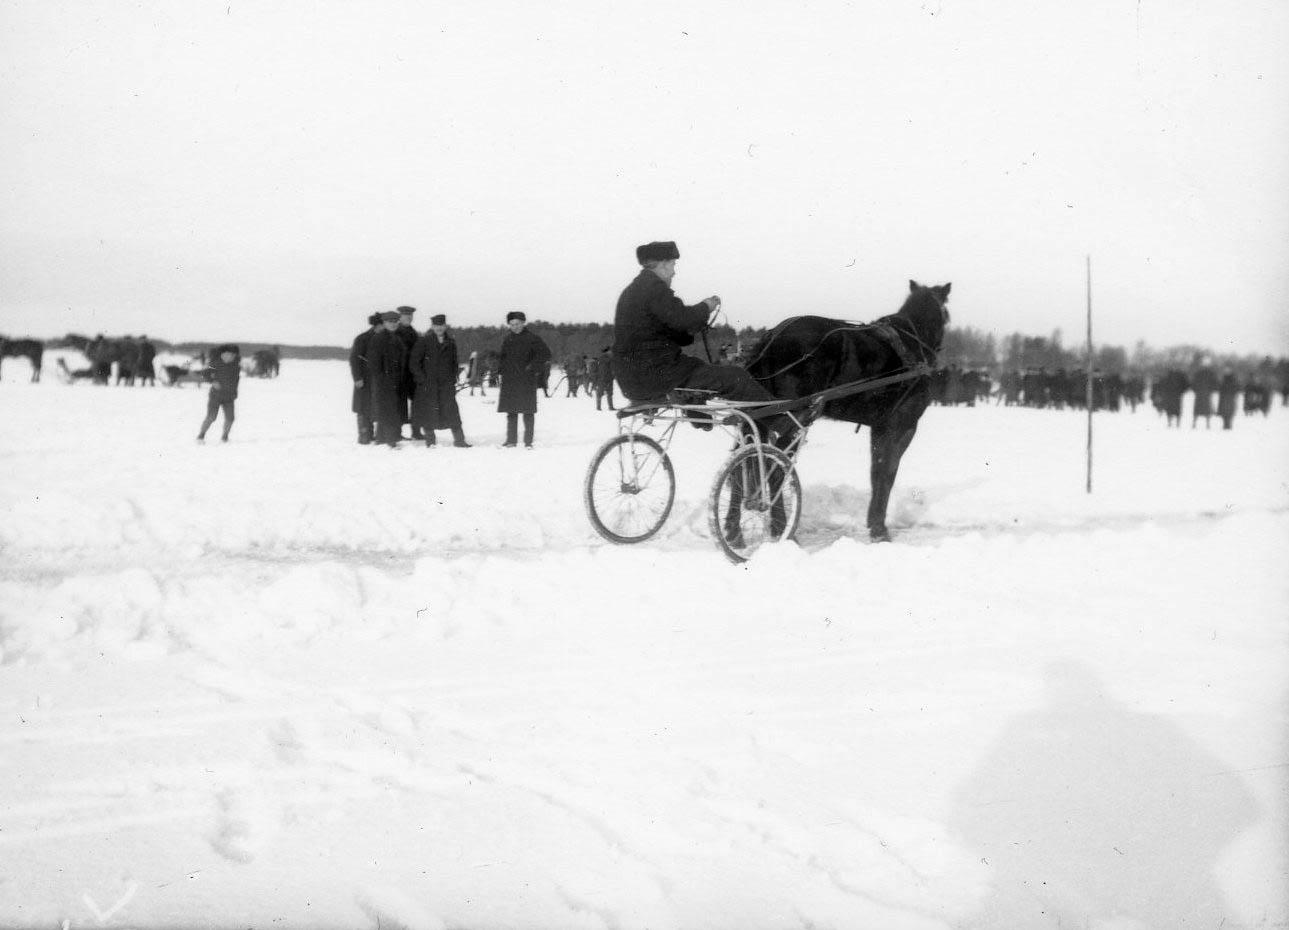 Hevoskilpailuita järjestettiin jäällä Suomessa jo 1800-luvun alkupuolella. Kuva on Uudessakaupungissa 1900-luvun alkupuolella järjestetyistä raveista. (Uudenkaupungin museo)